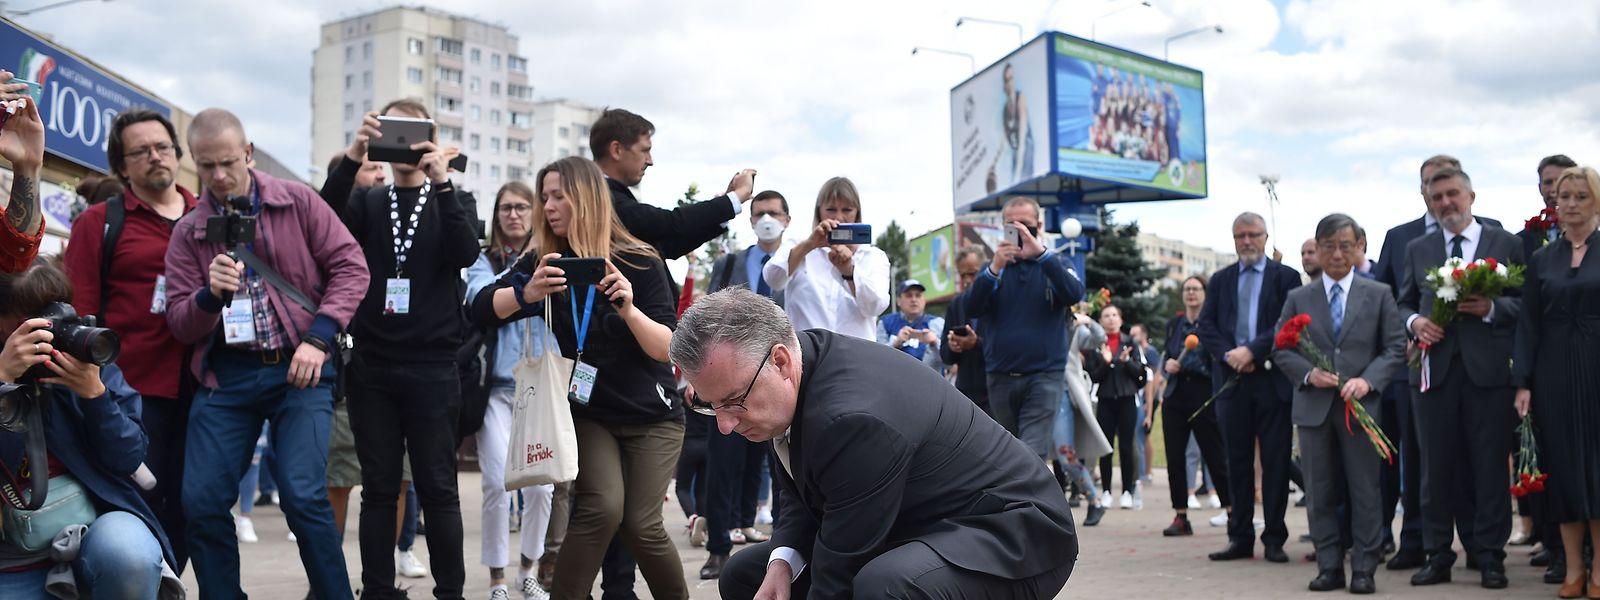 Der Leiter der EU-Delegation in Weißrussland Dirk Schuebel legte am Donnerstag Blumen an der Stelle nieder, an der am 13. August 2020 in Minsk ein Demonstrant starb.